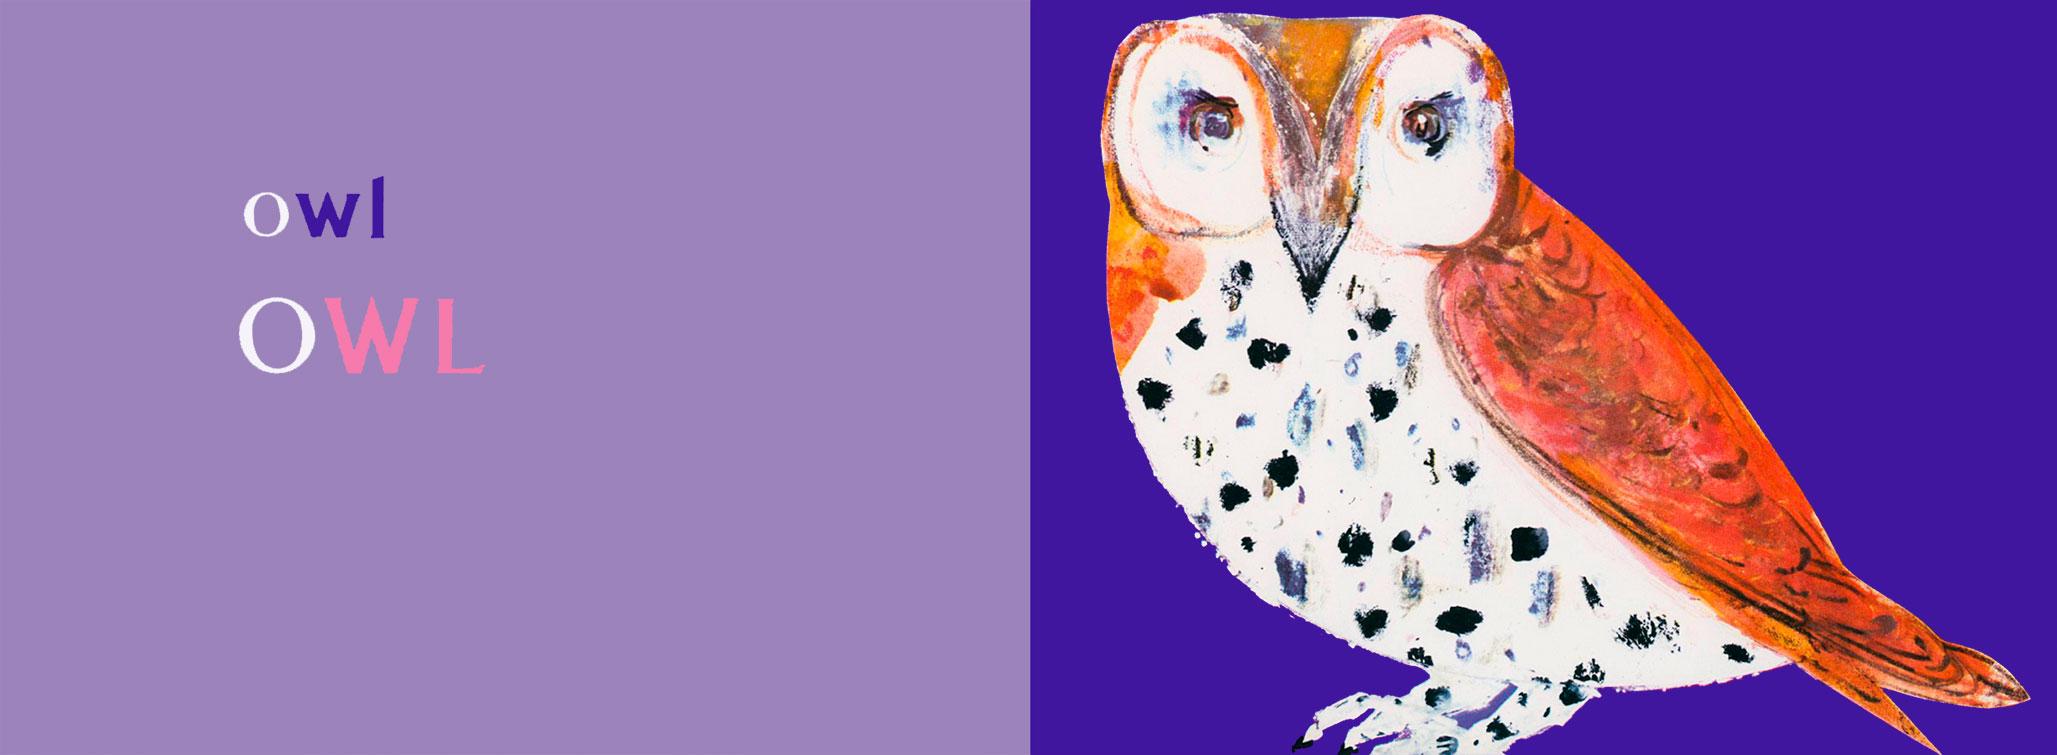 o-for-owl-brian-wildsmith-ABC.jpg